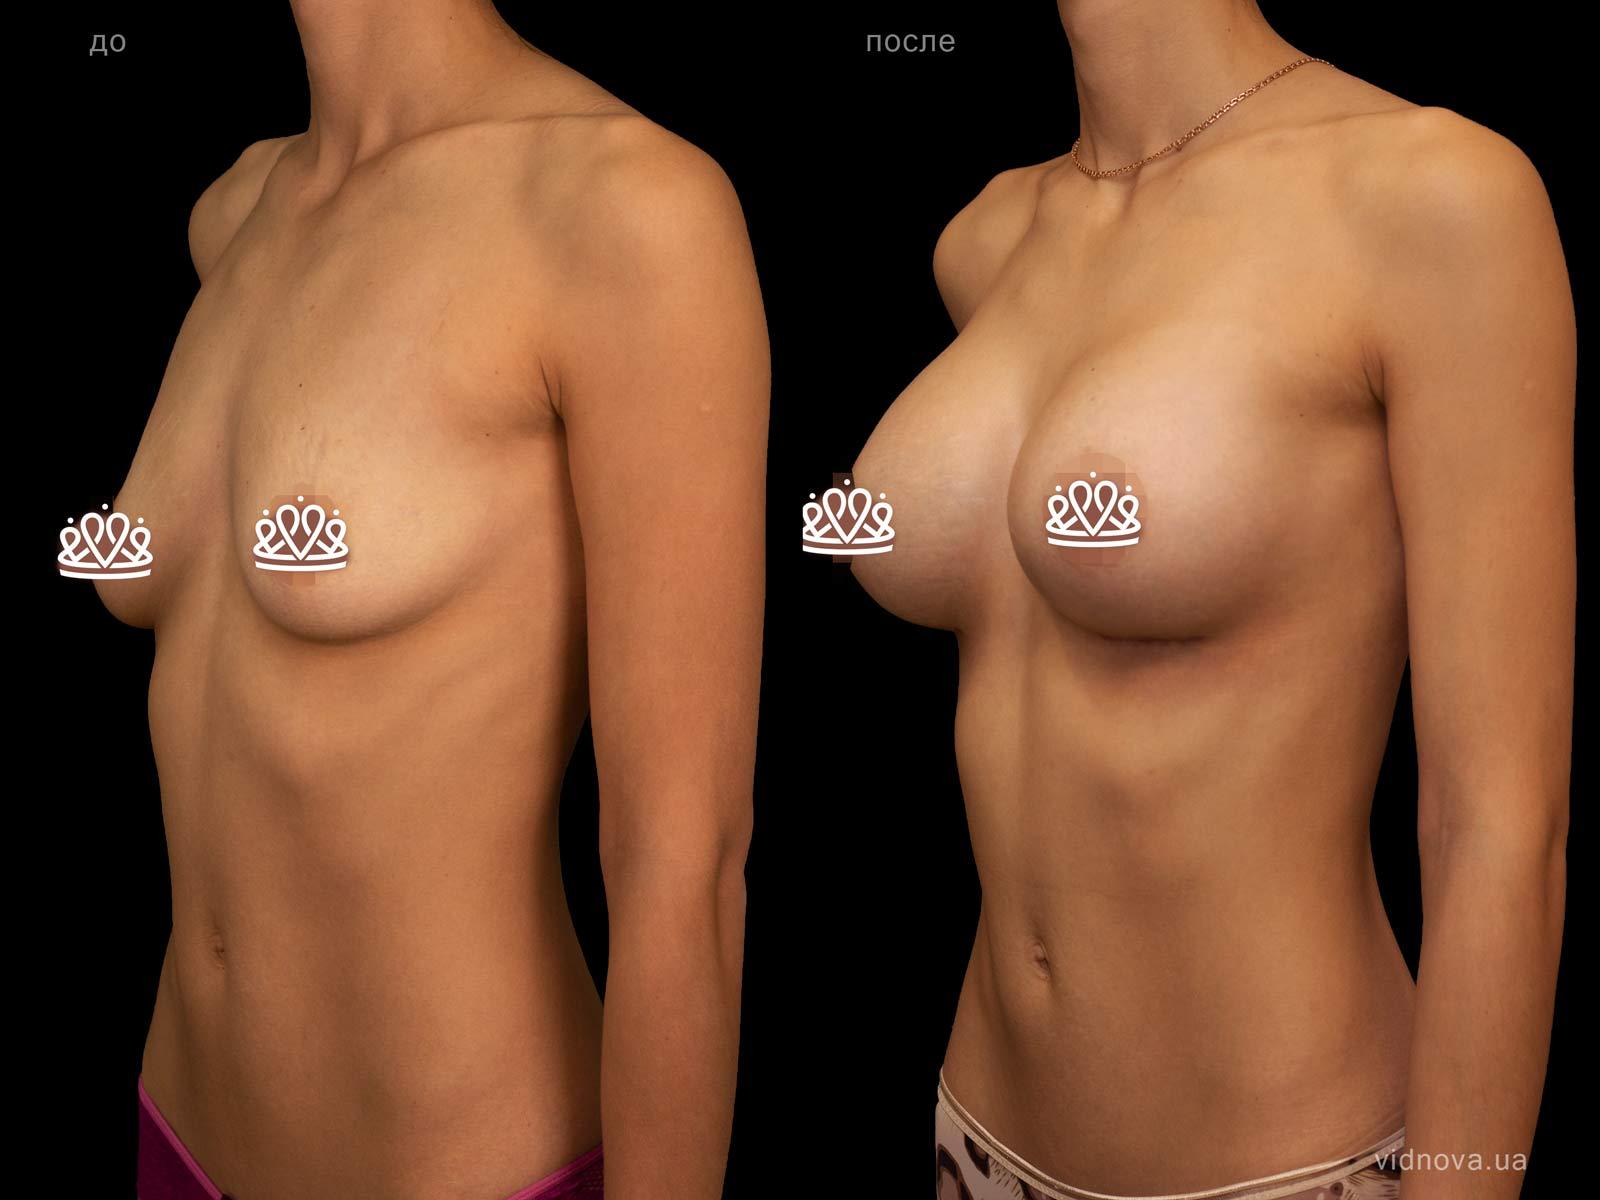 Пластика груди: результаты до и после - Пример №120-1 - Светлана Работенко